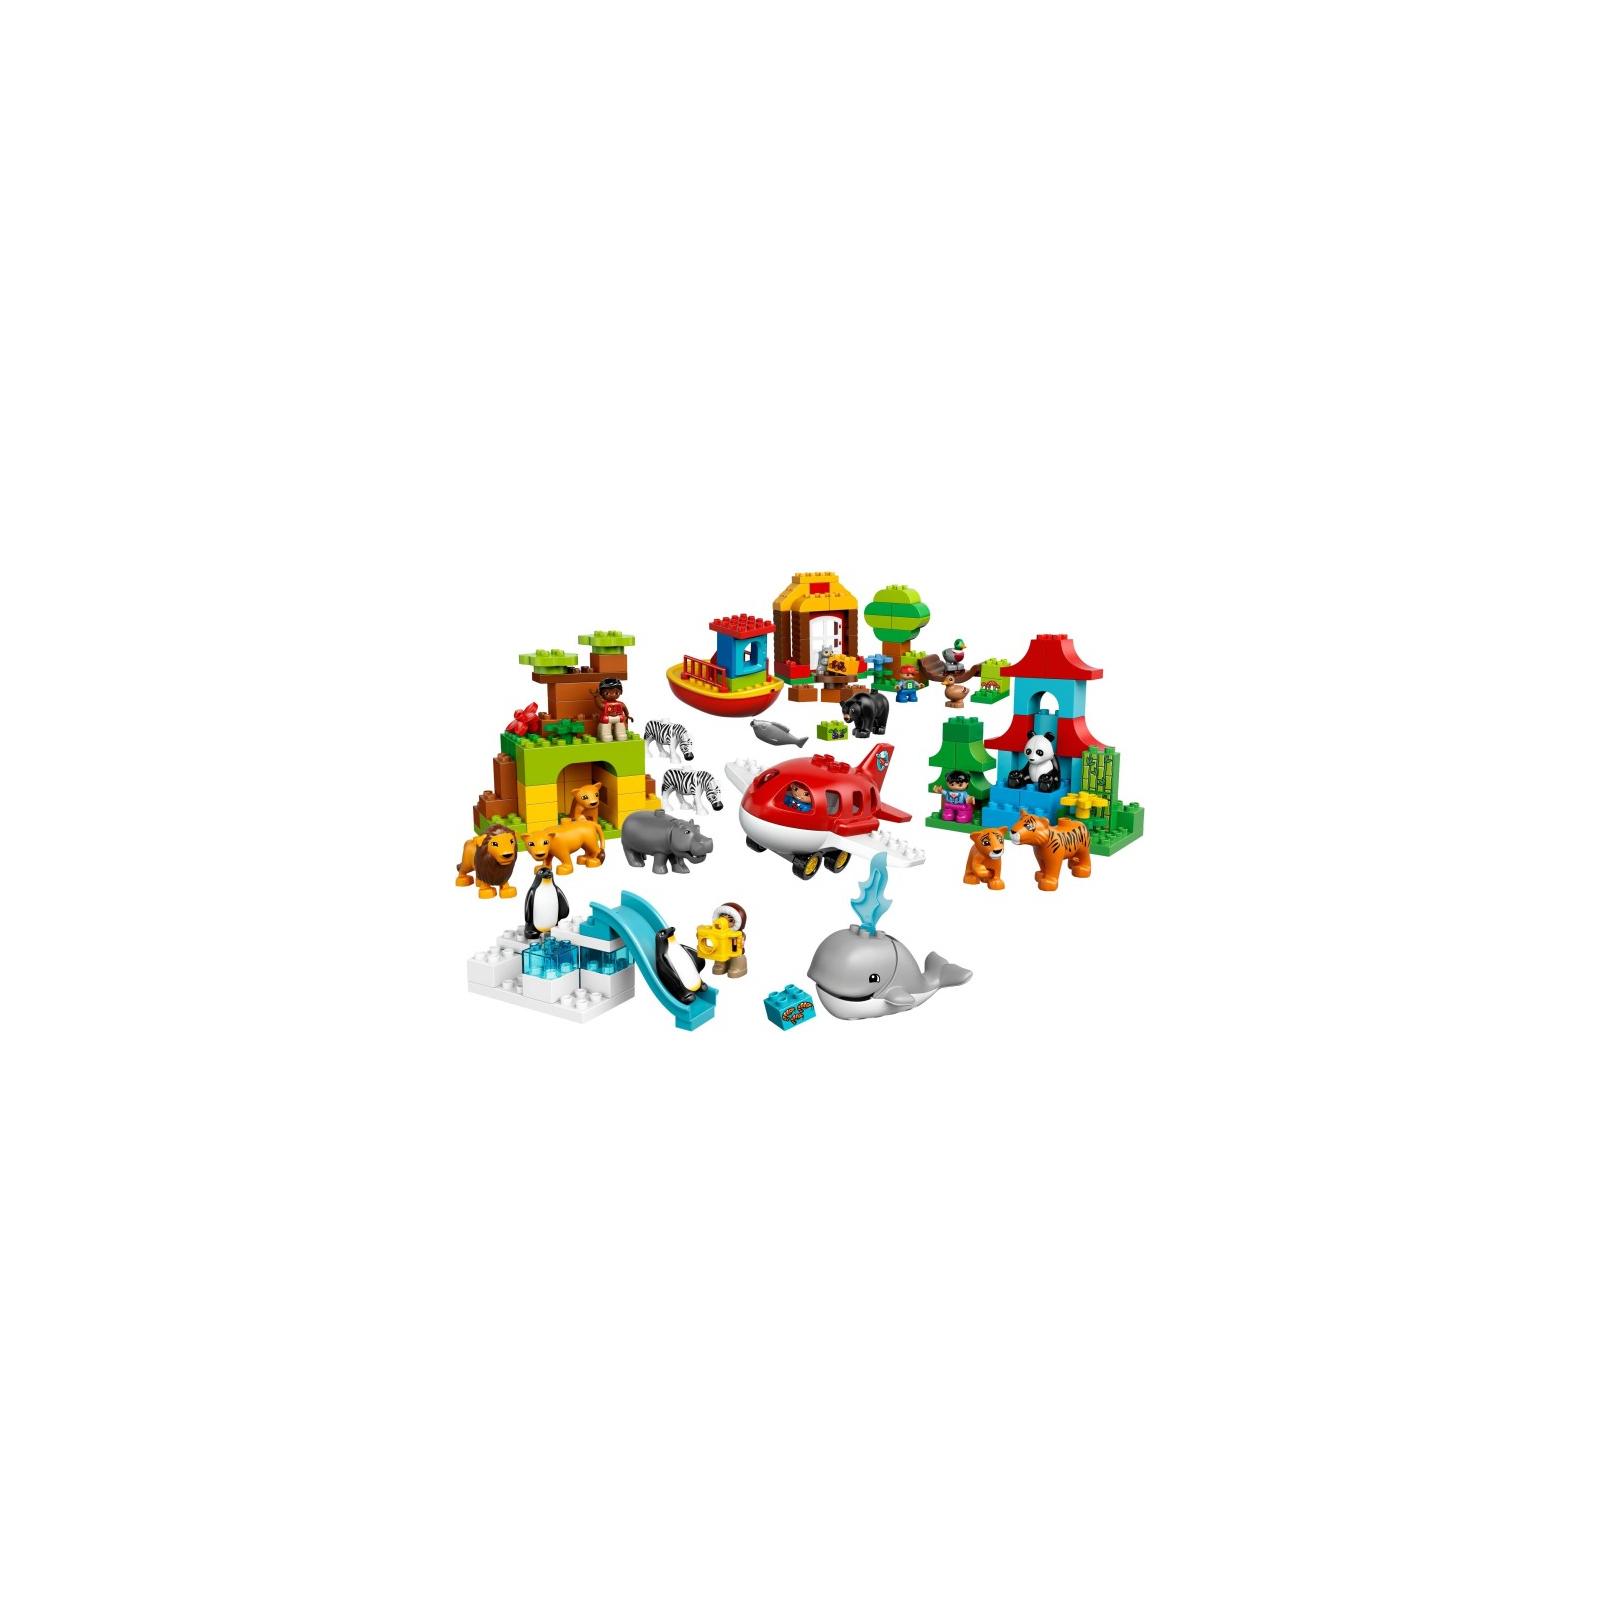 Конструктор LEGO Duplo Town Вокруг света (10805) изображение 2